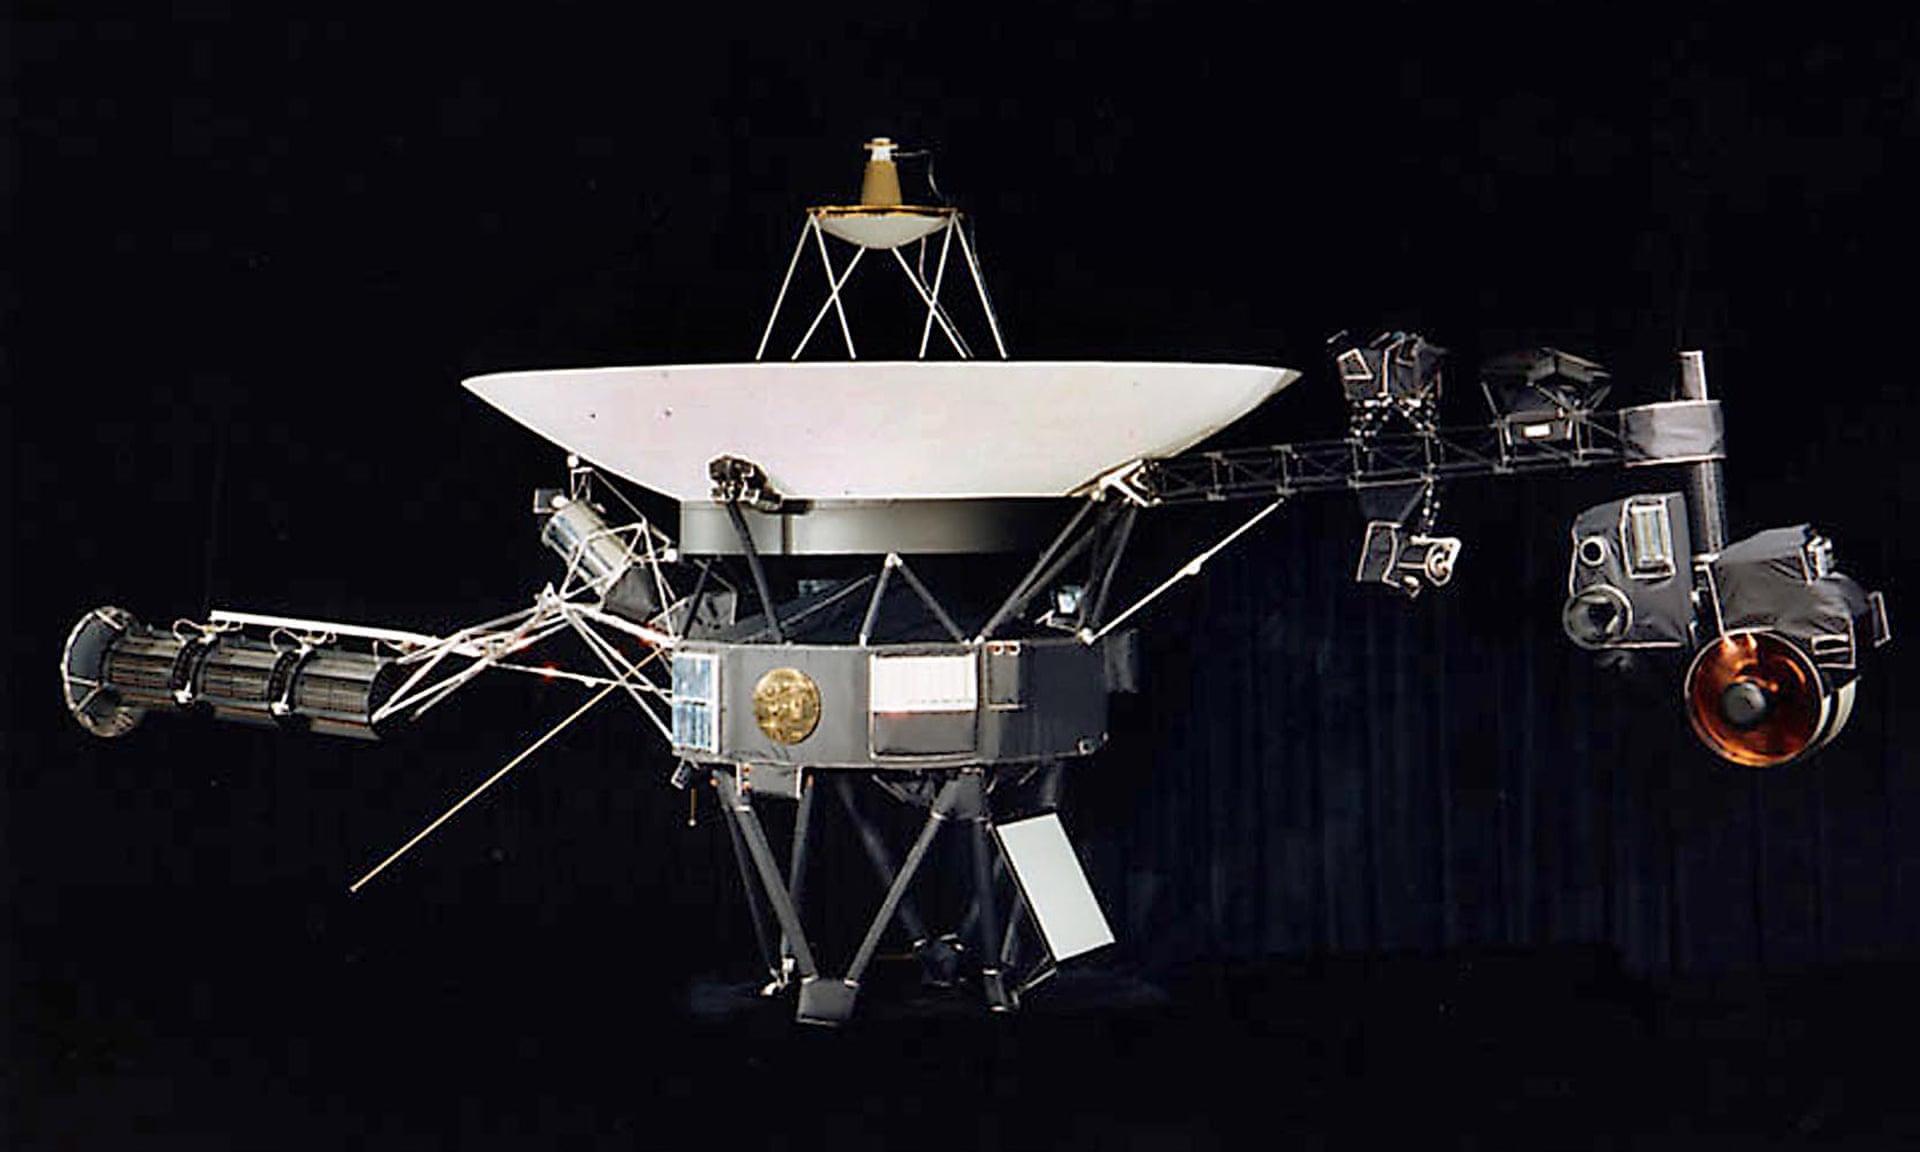 Mô hình của tàu vũ trụ Voyager. Ảnh: Nasa/AFP via Getty Images.